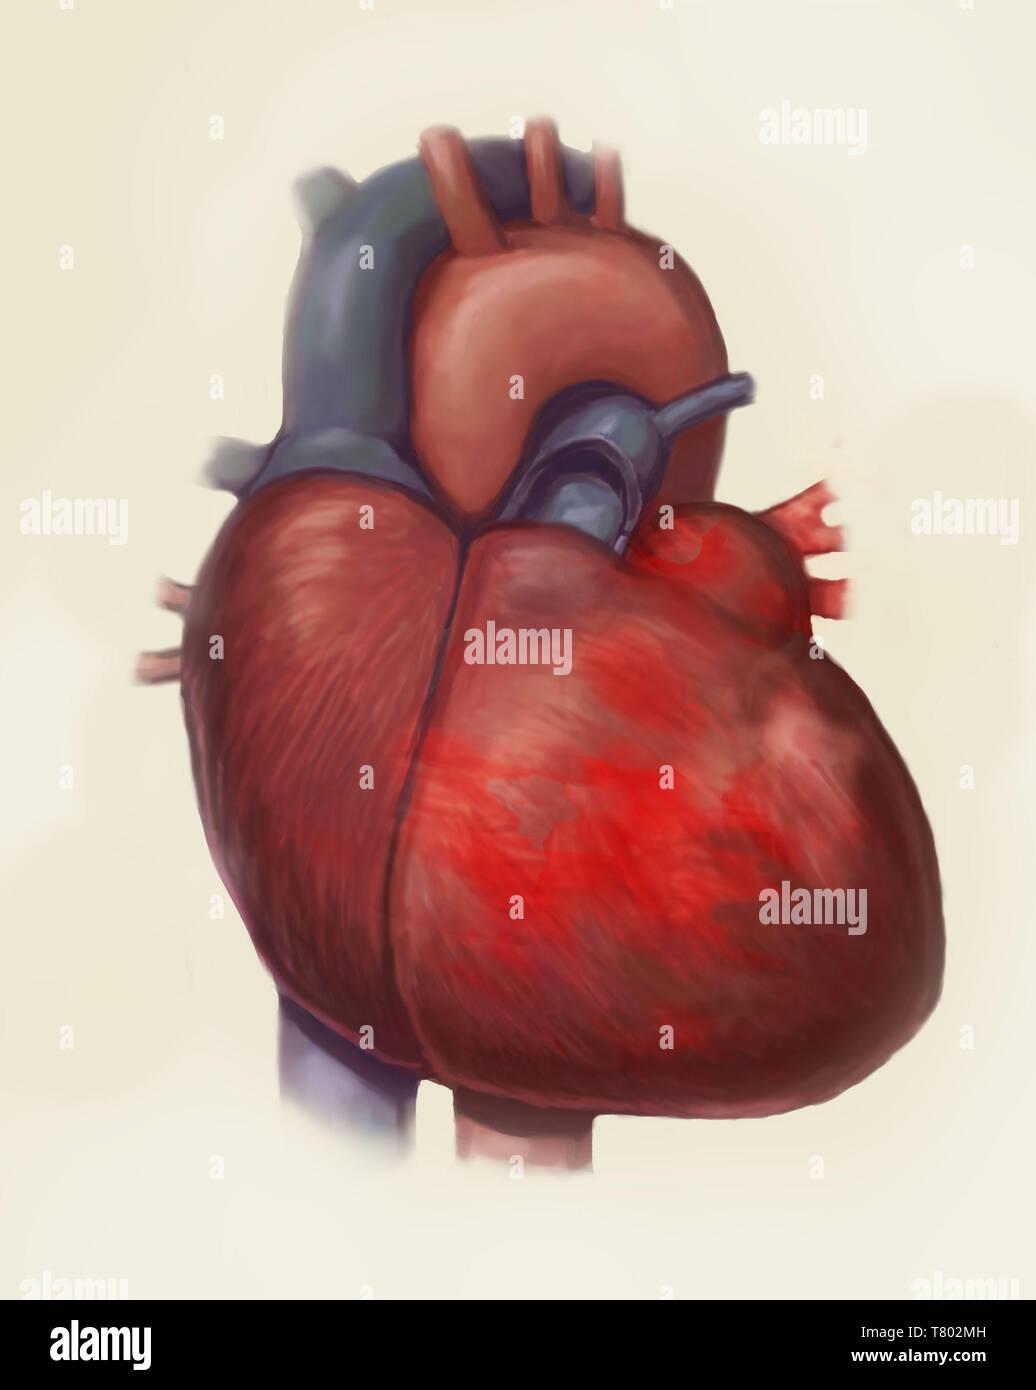 Heart Failure, Illustration - Stock Image